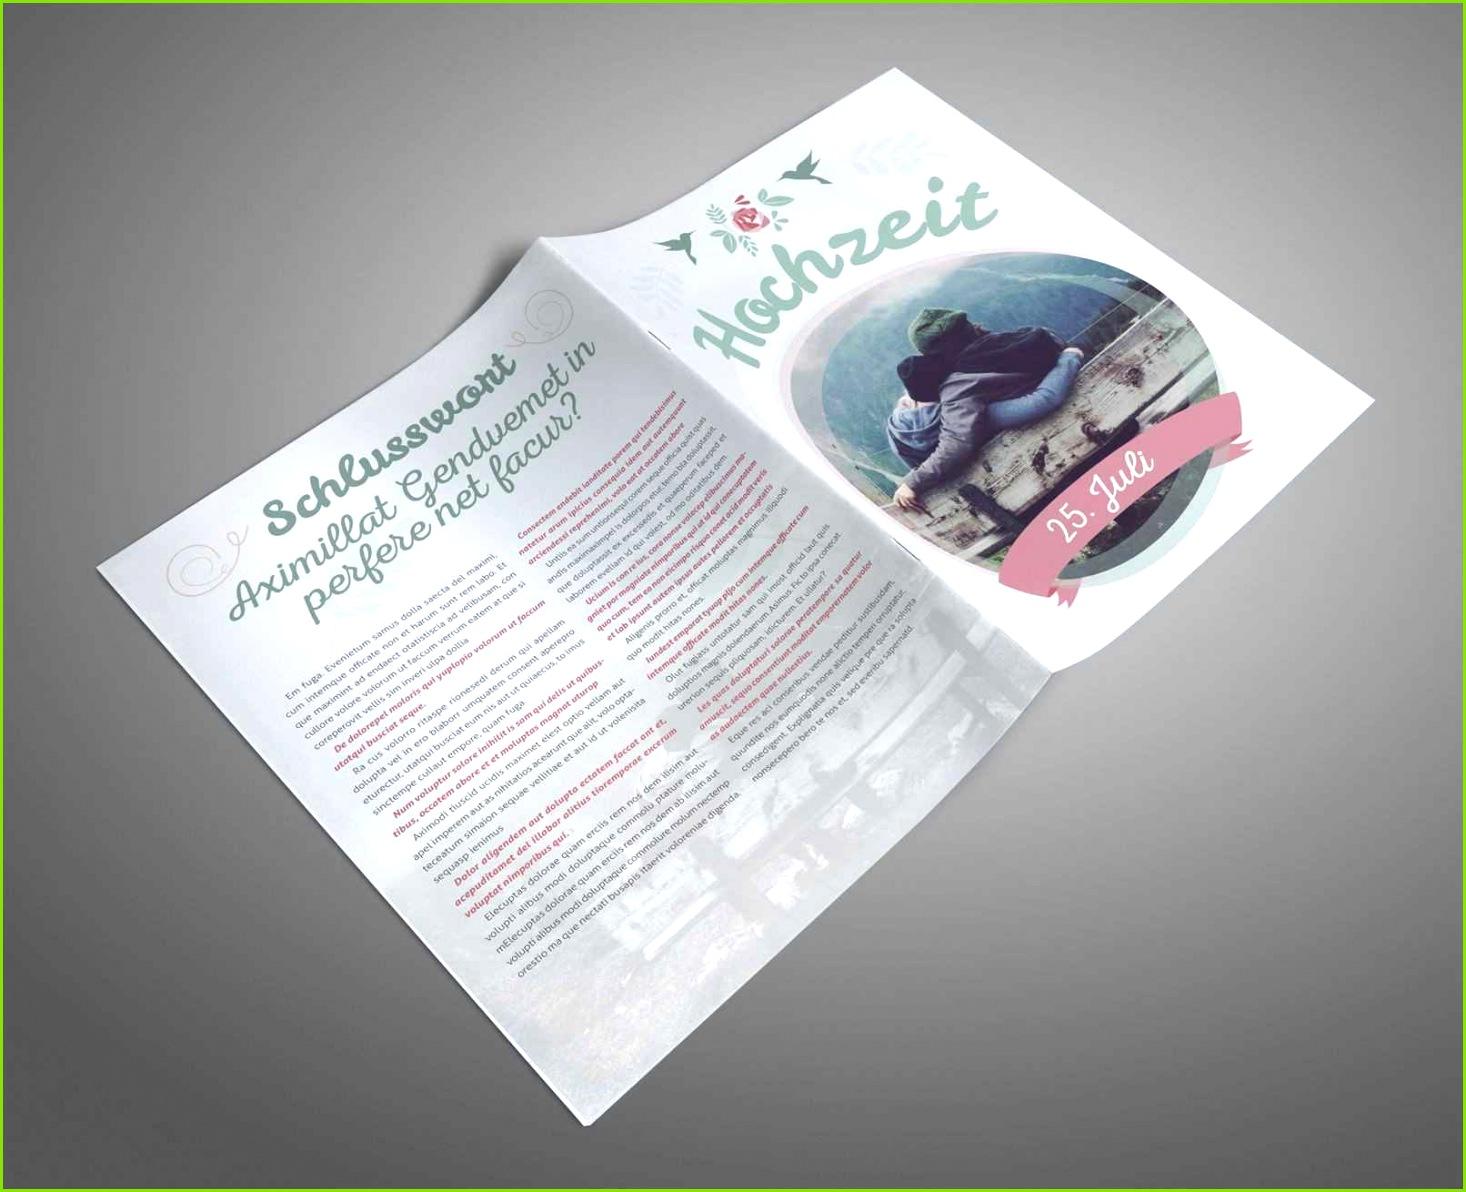 Hochzeitsbuch Seite Gestalten Vorlage Editierbar Hochzeit Kochbuch Gestalten Frisch Hochzeitsbuch Gestalten Vorlage Foto